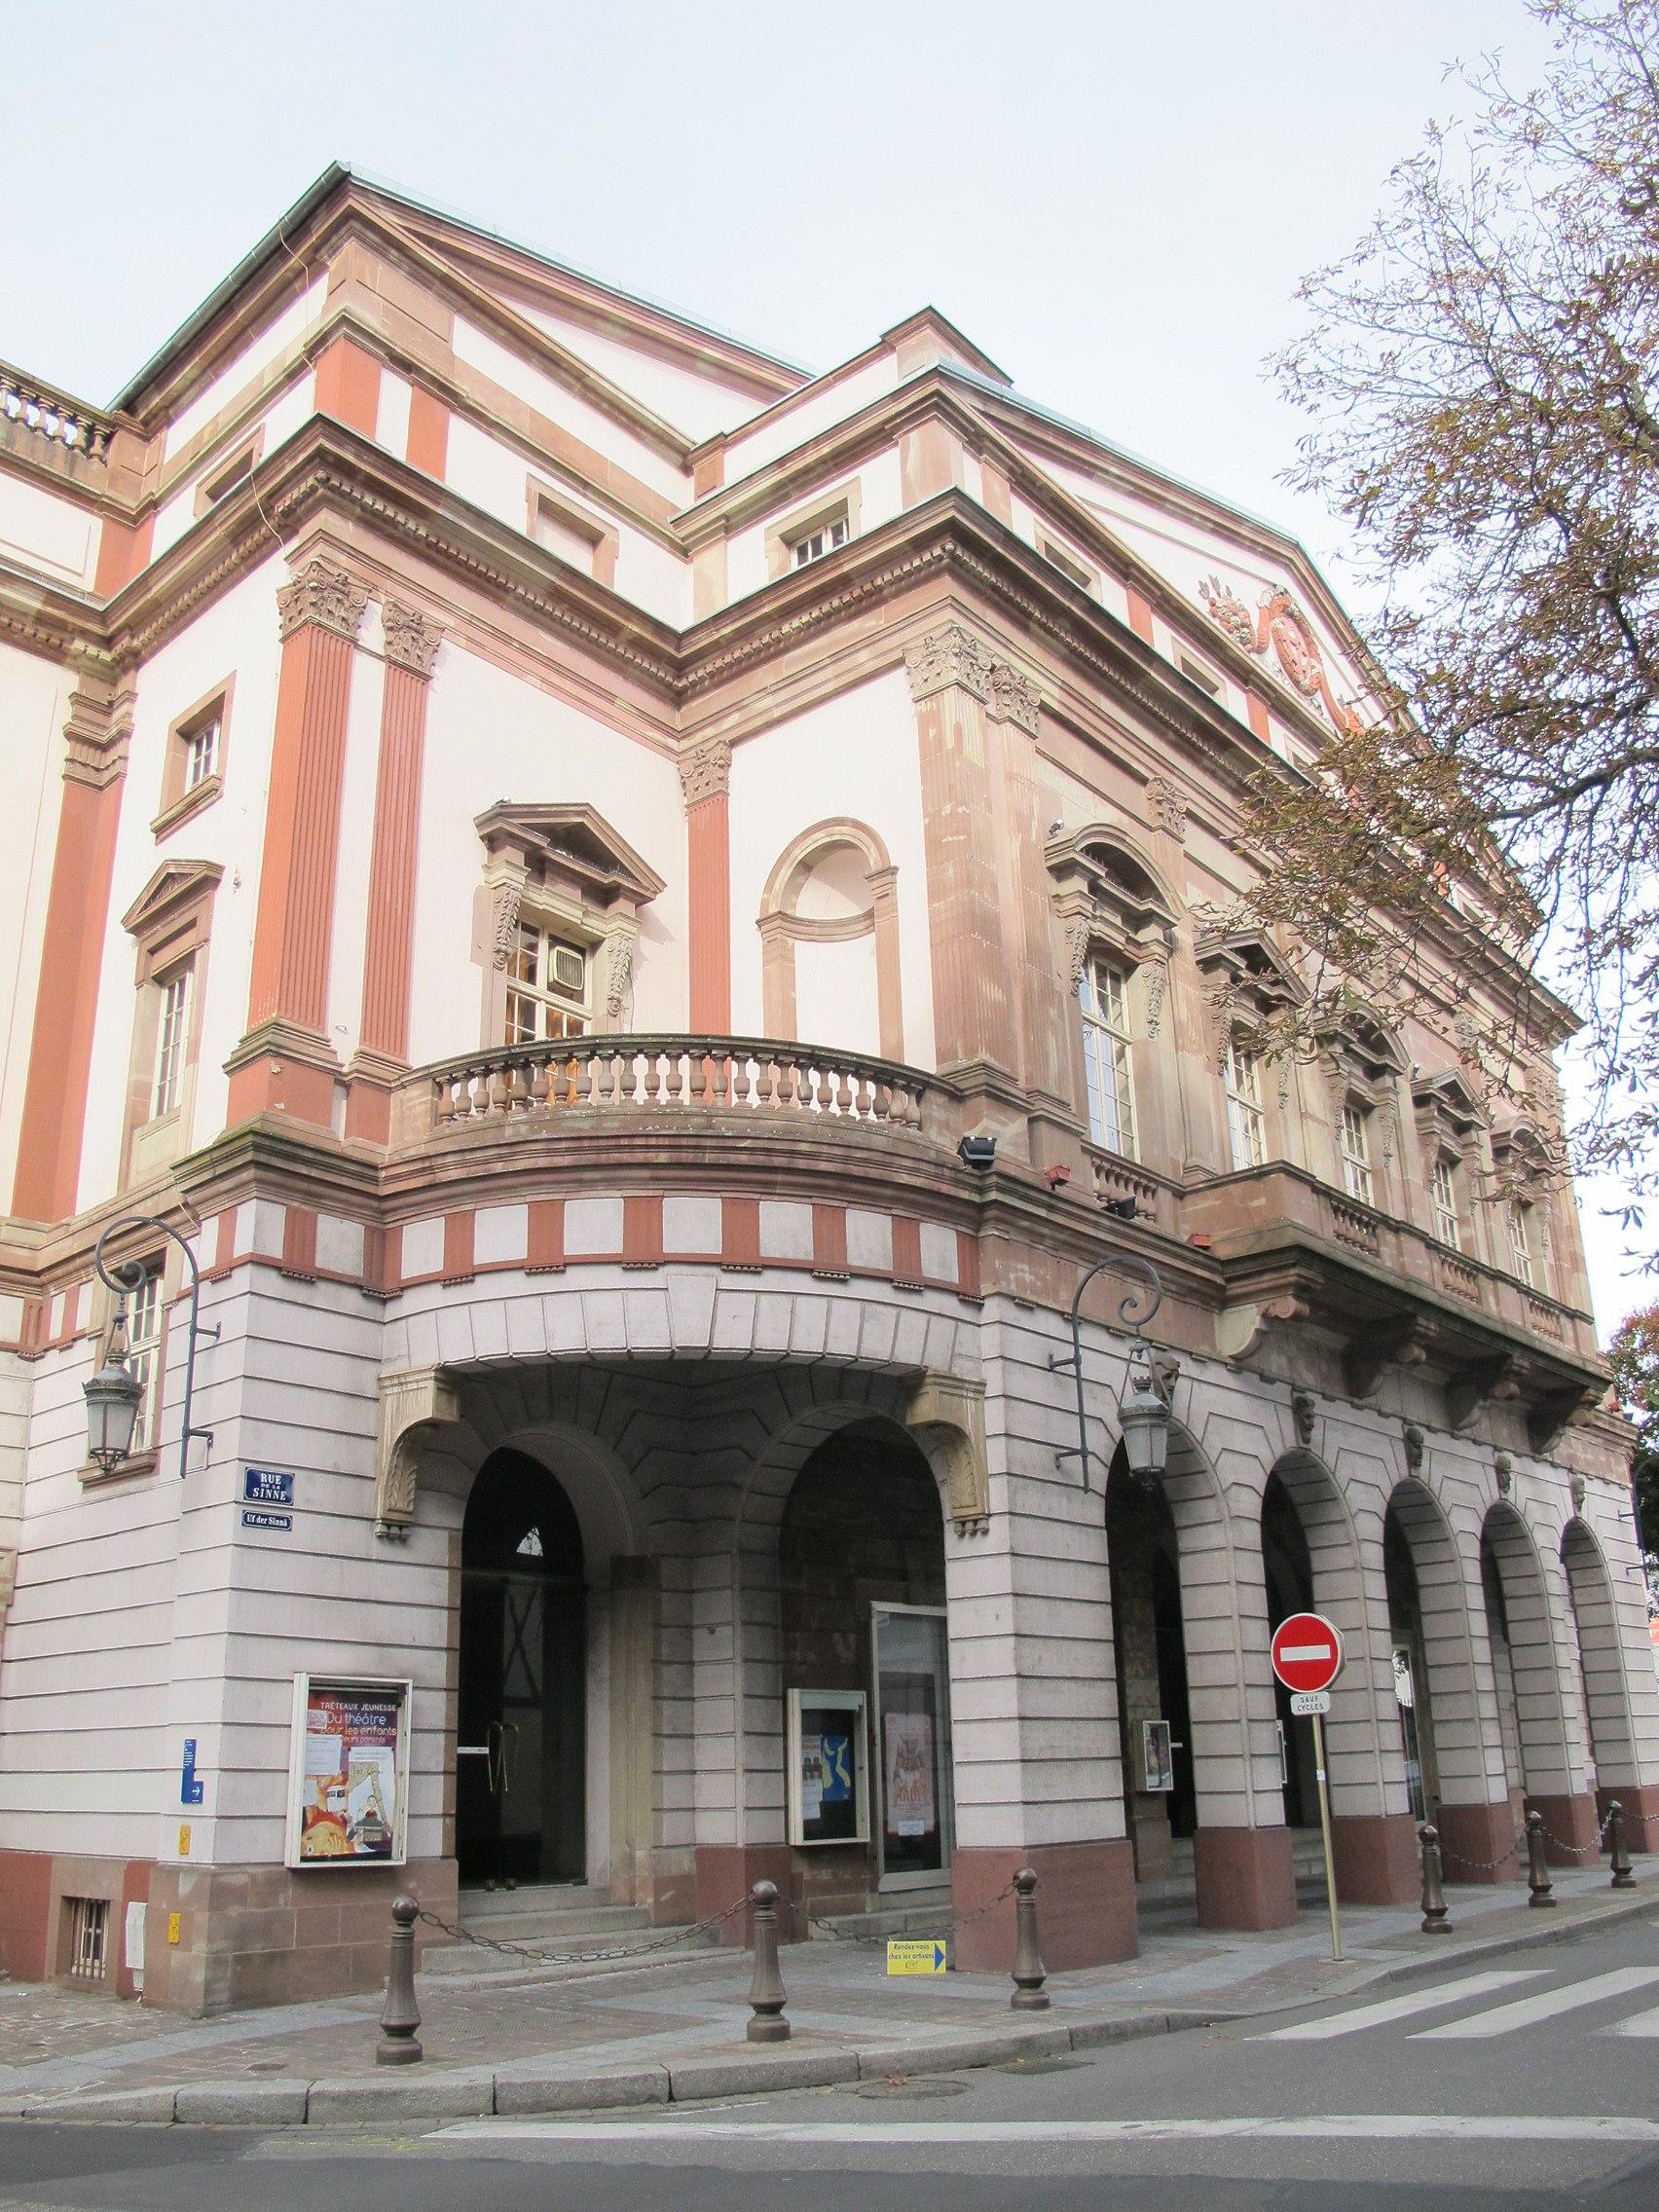 File:Théâtre de la Sinne.JPG - Wikimedia Commons